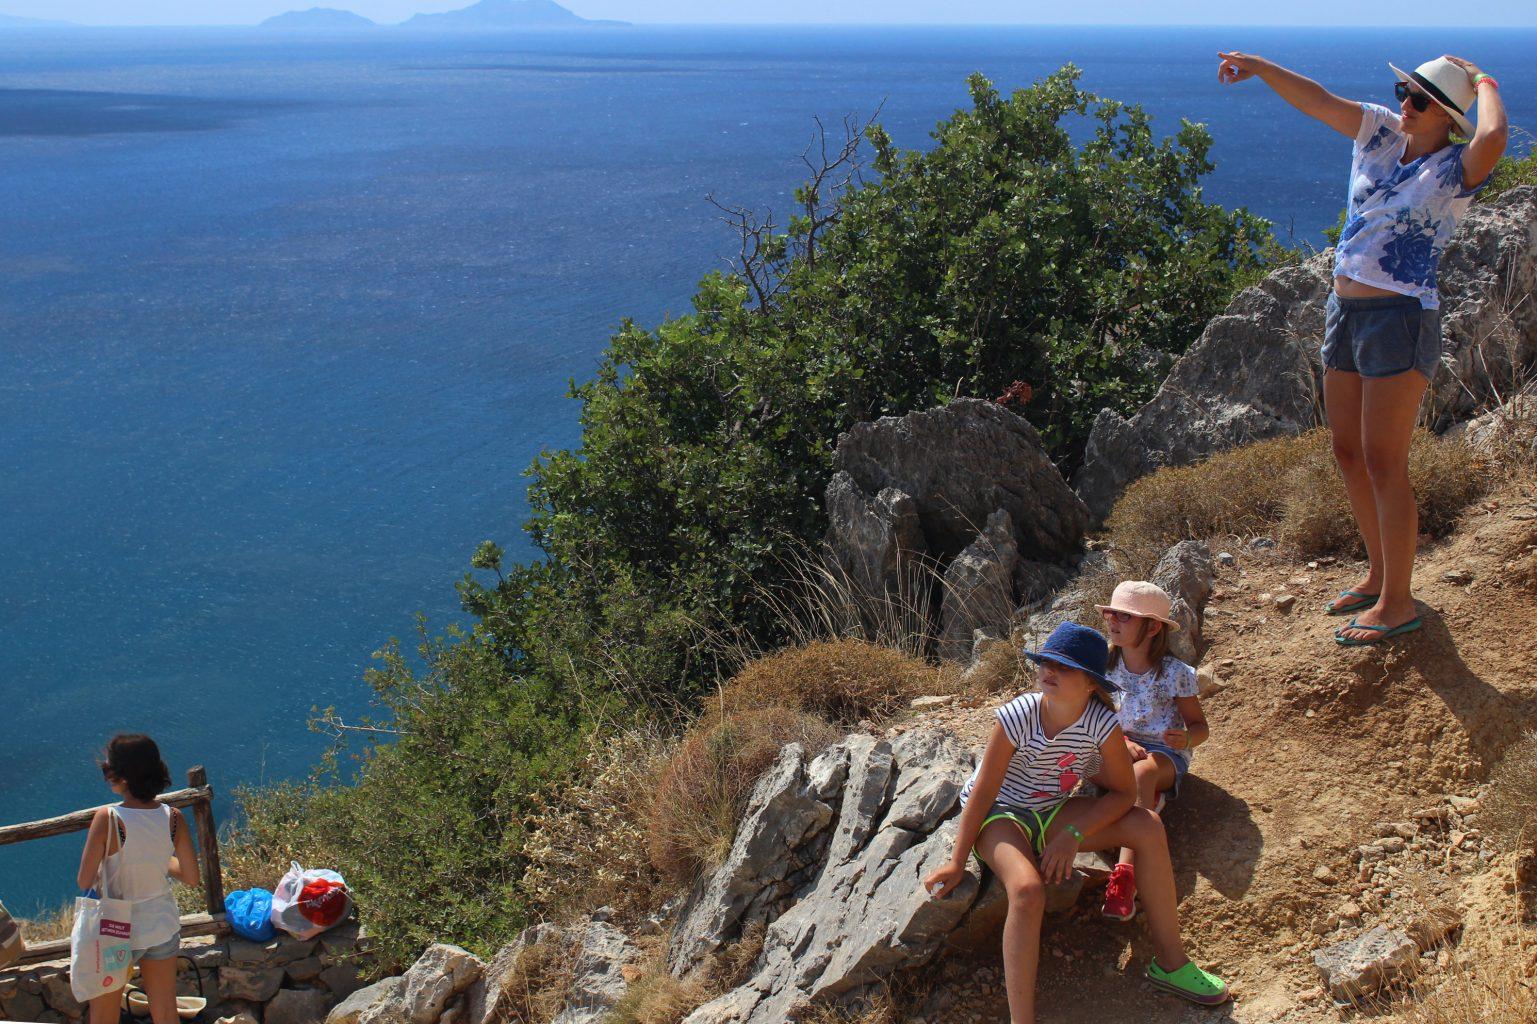 Wakacje w Grecji z dzieckiem – praktyczny poradnik